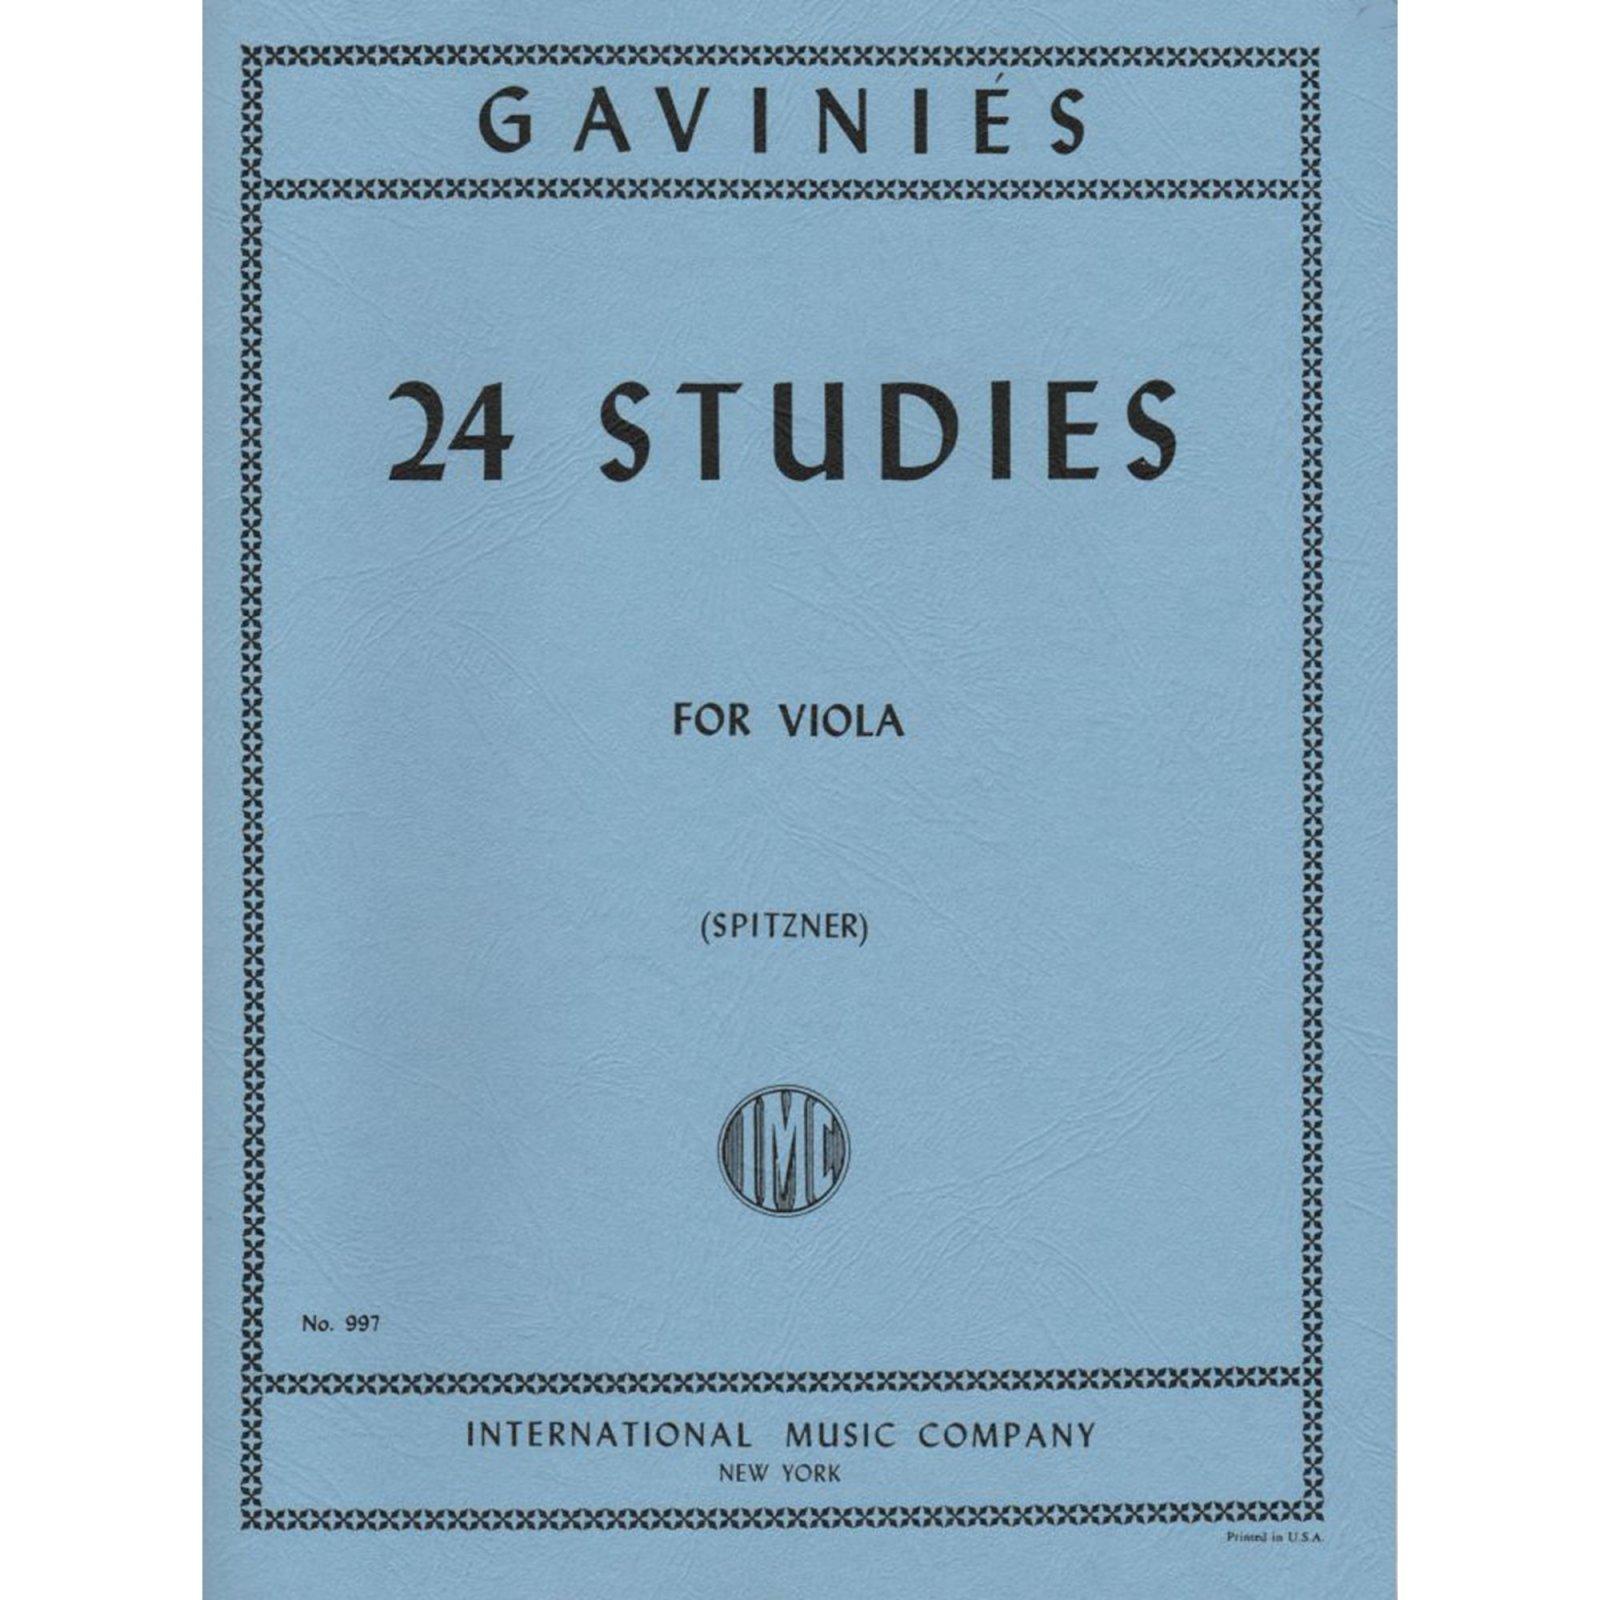 Gavinies: 24 Studies Ed. Spitzner